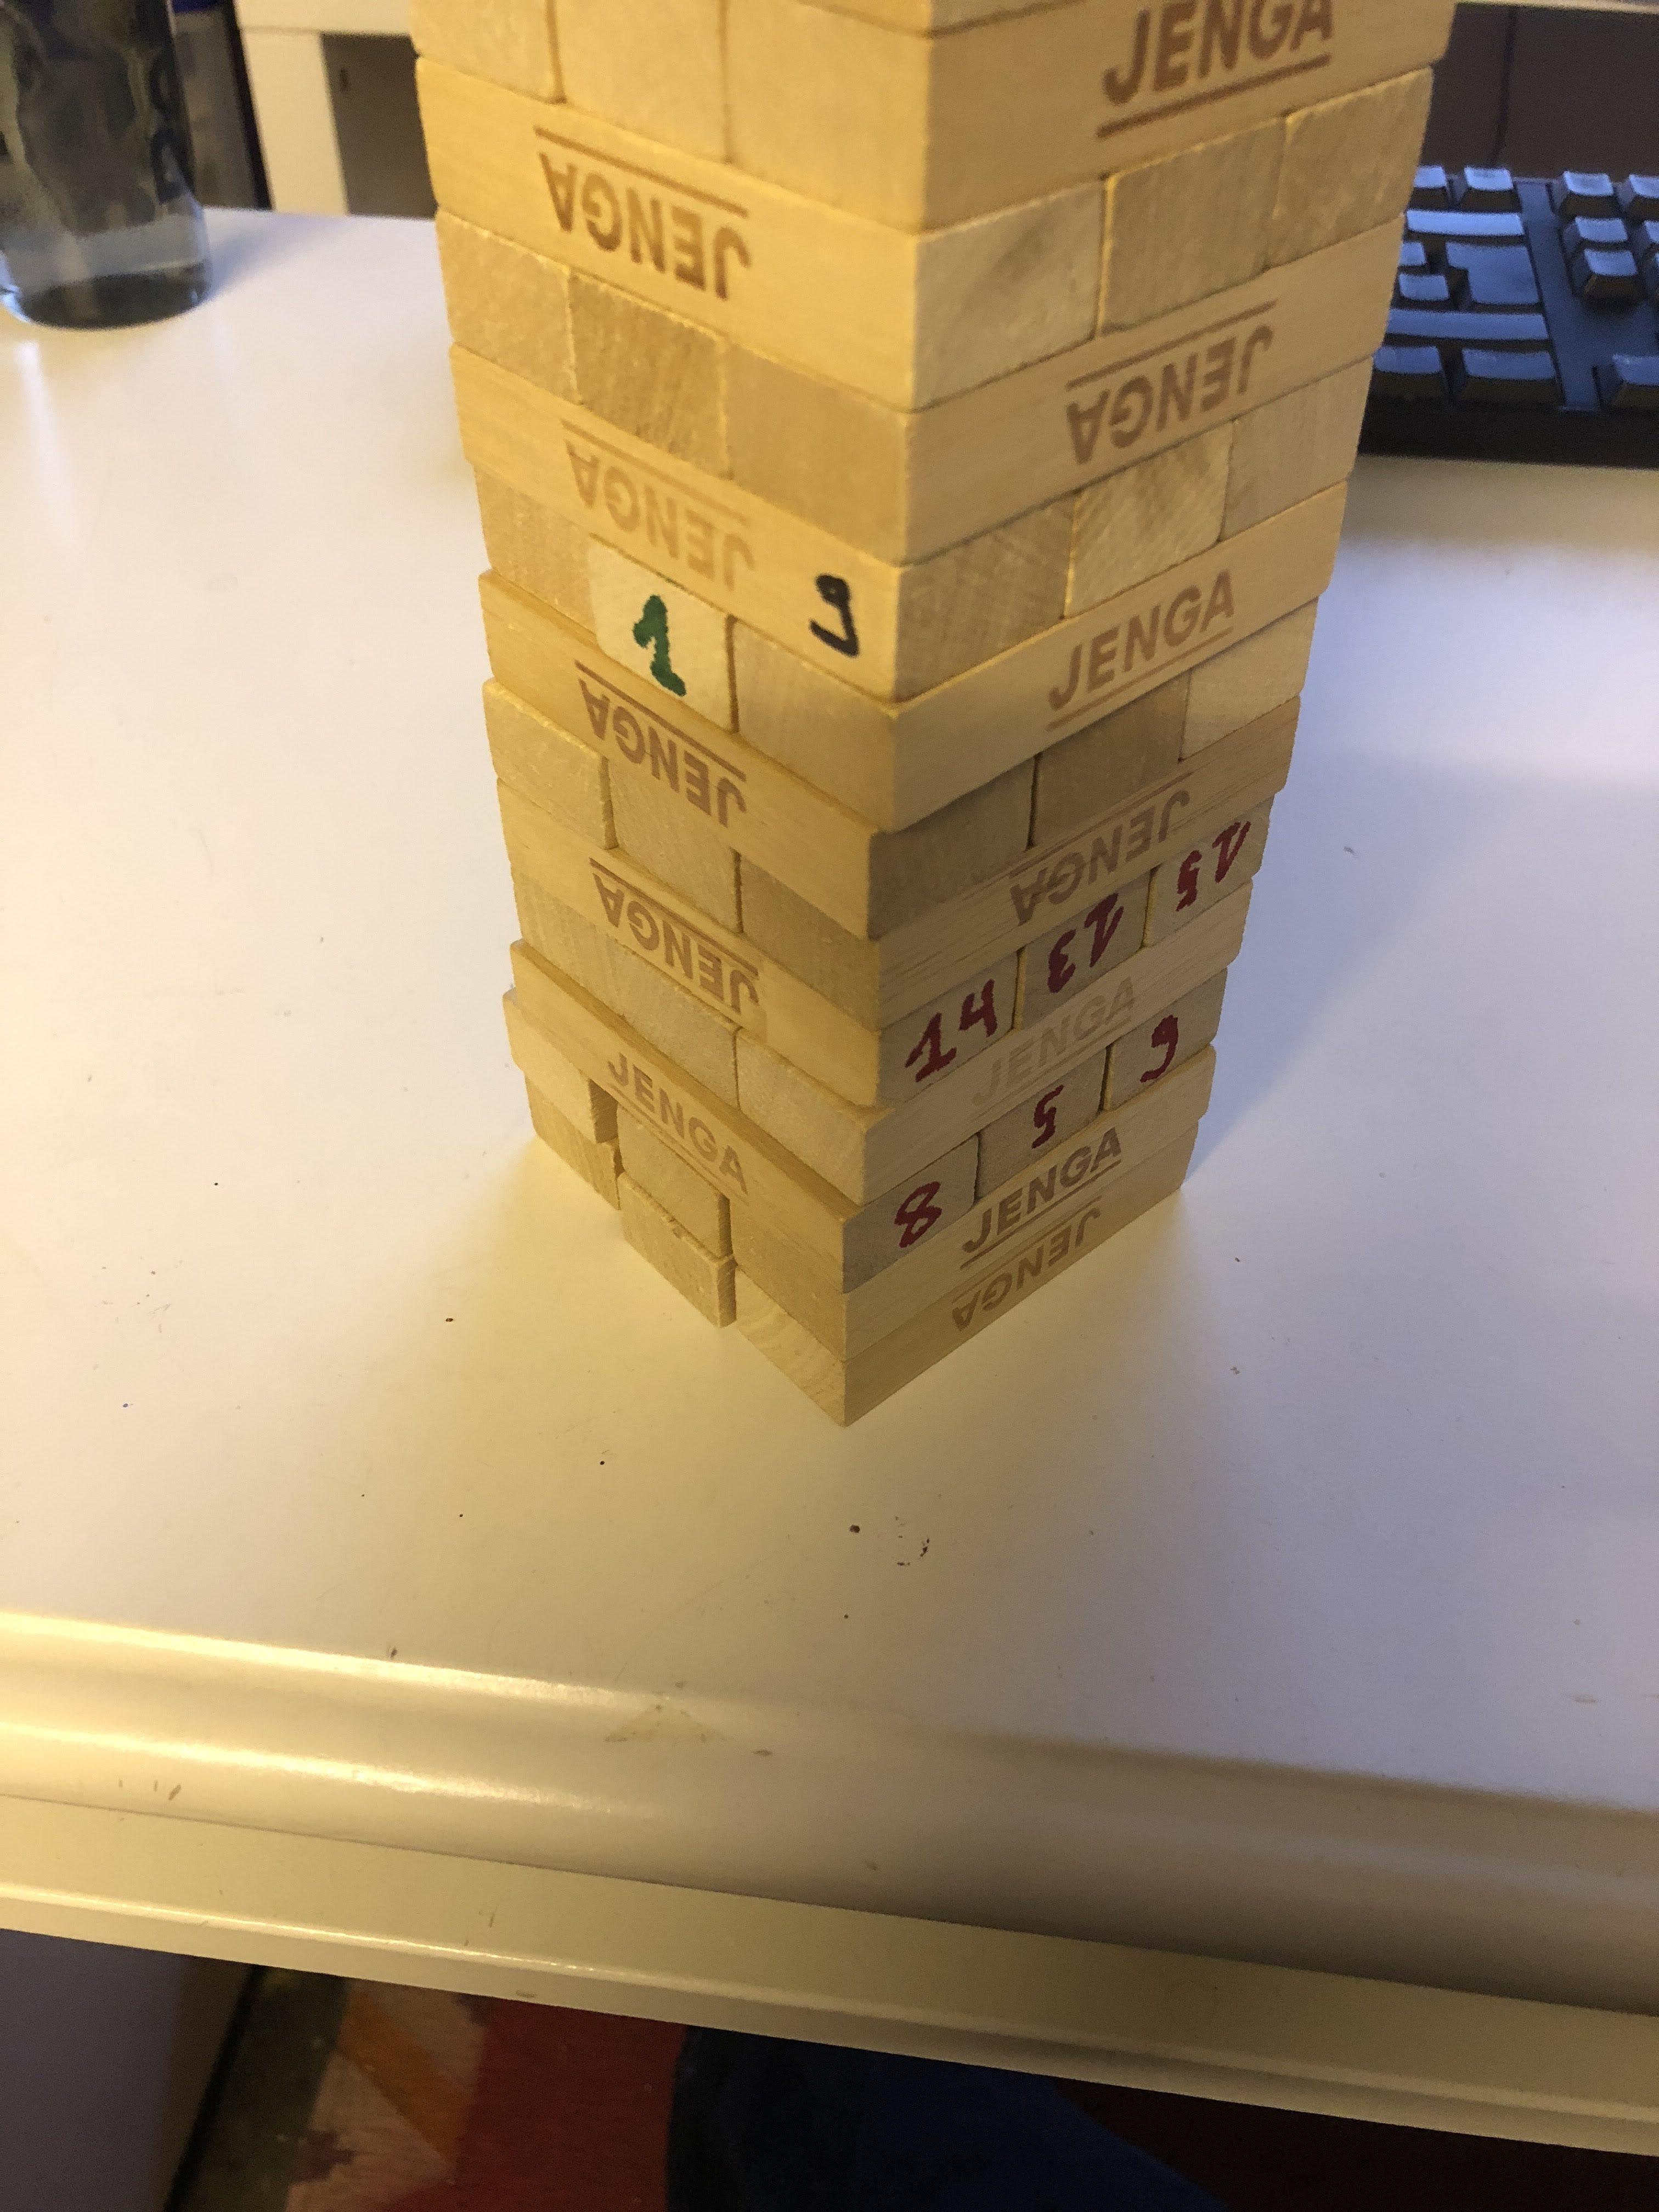 Agile Spiele: Agile Jenga. Ein Turm mit Bauklötzen mit Nummern in unterschiedlichen Farben.